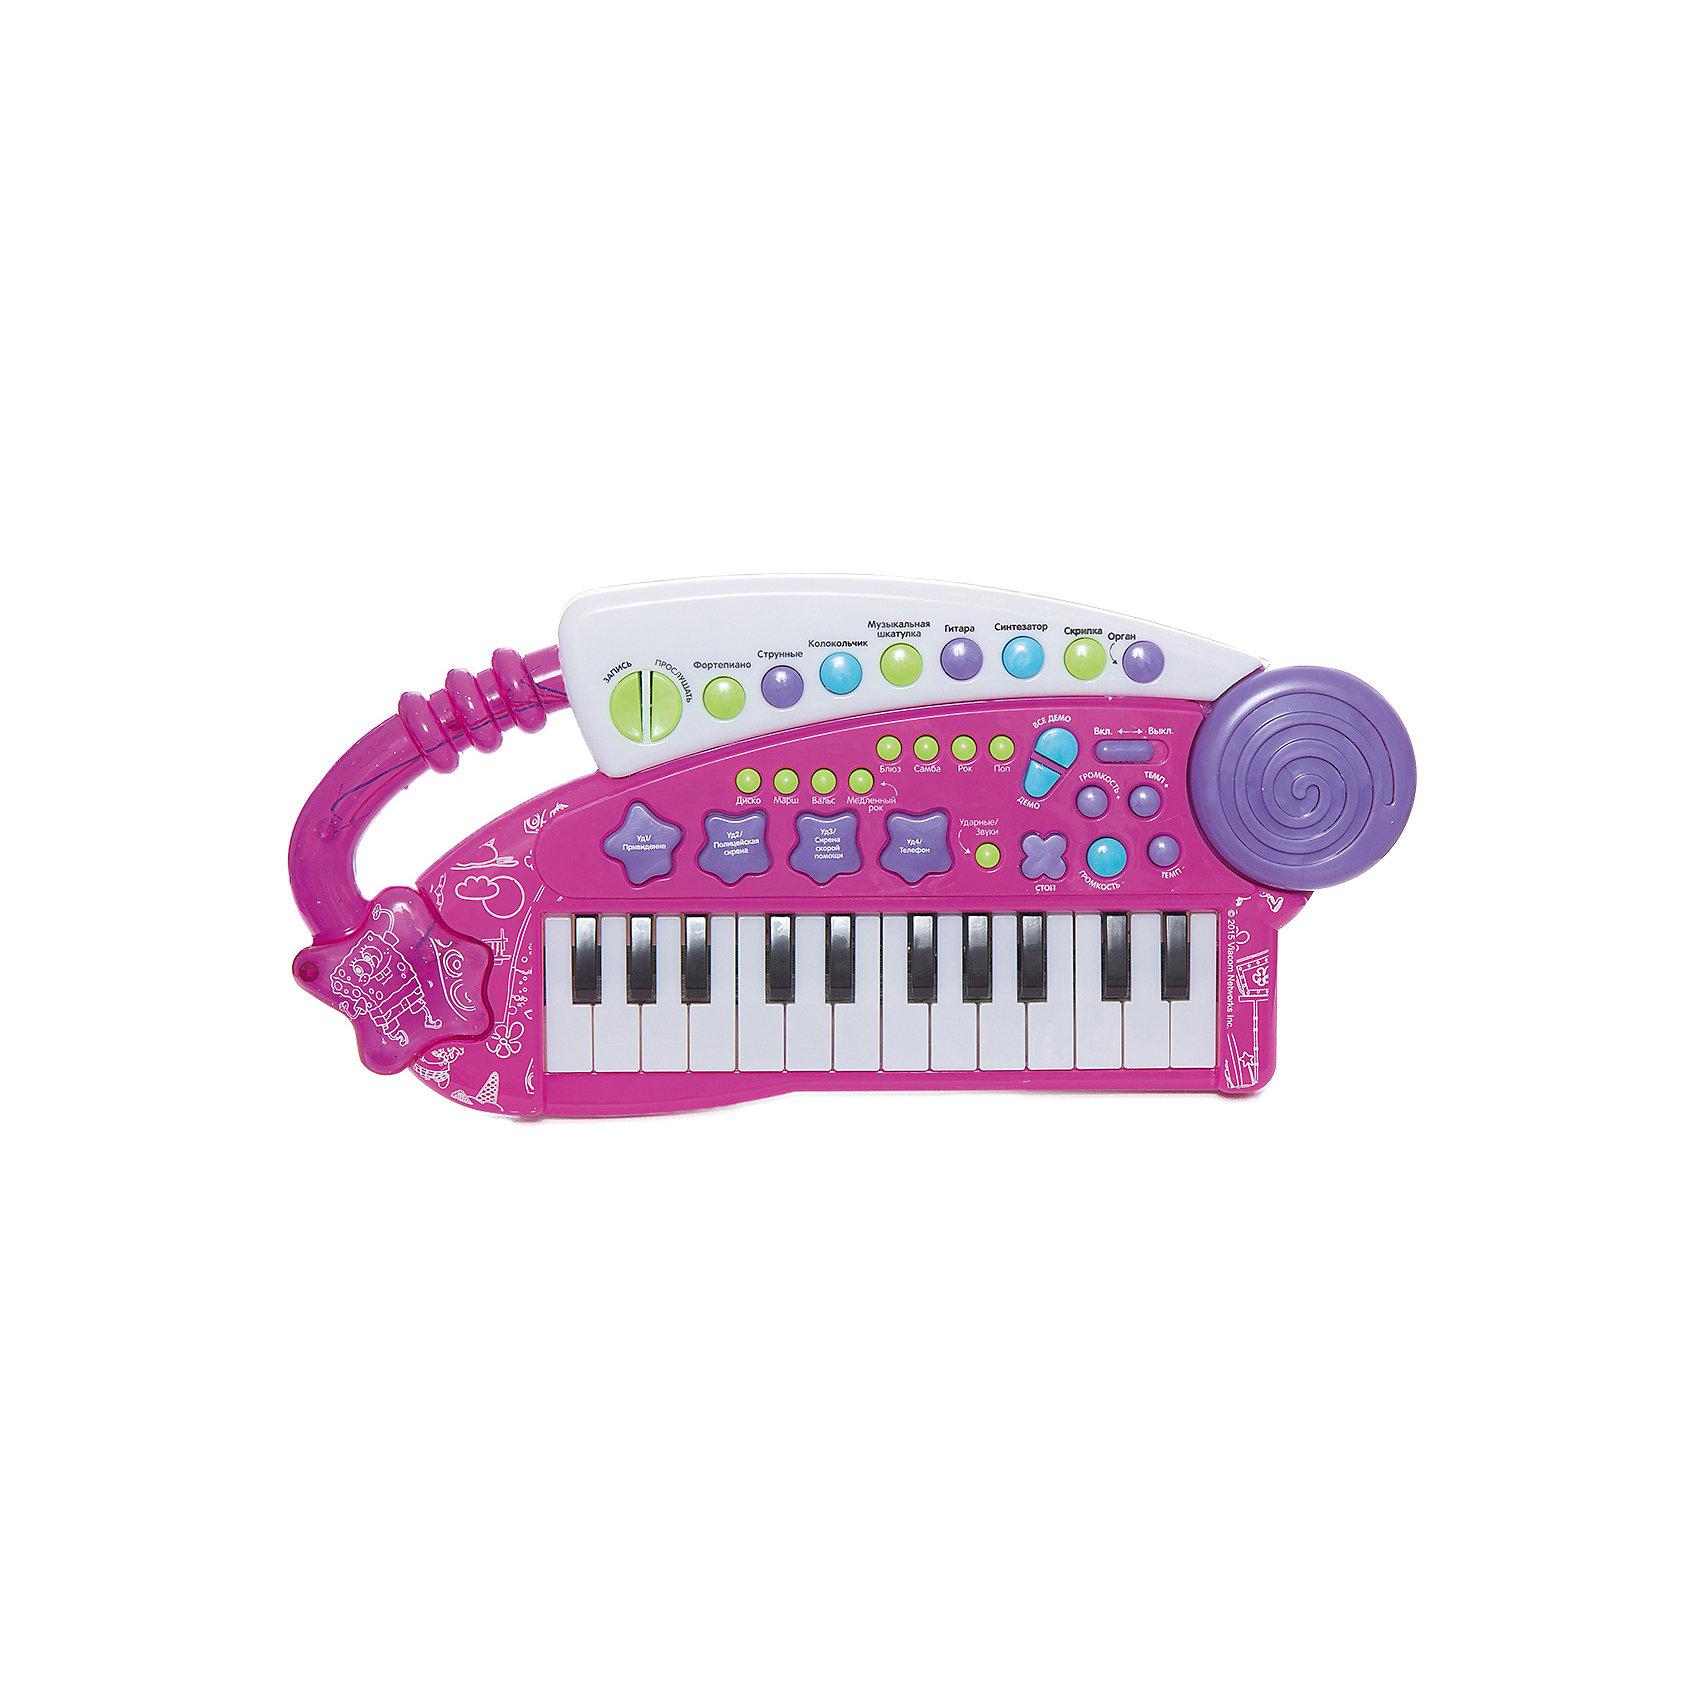 Игрушка-синтезатор Фейерверк звуков, Губка БобИгрушки<br>Многофункциональный синтезатор Губка Боб познакомит ребёнка с увлекательным миром музыки. С этим музыкальным инструментом не придётся скучать: записывайте и прослушивайте звук, воспроизводите уже готовые мелодии или создавайте свои!  В процессе игры развивается звуковое восприятие и творческое мышление. <br><br>Преимущества:<br>24 электронные клавиши <br>31 функциональная кнопка<br>8 музыкальных инструментов<br>8 ритмов<br>4 ударных инструмента<br>4 дополнительных звука<br>Демонстрационные мелодии<br>Регулировка громкости и темпа<br>Функция Запись\Воспроизведение<br>Световые эффекты<br><br>Ширина мм: 375<br>Глубина мм: 210<br>Высота мм: 50<br>Вес г: 560<br>Возраст от месяцев: 36<br>Возраст до месяцев: 72<br>Пол: Унисекс<br>Возраст: Детский<br>SKU: 4951867